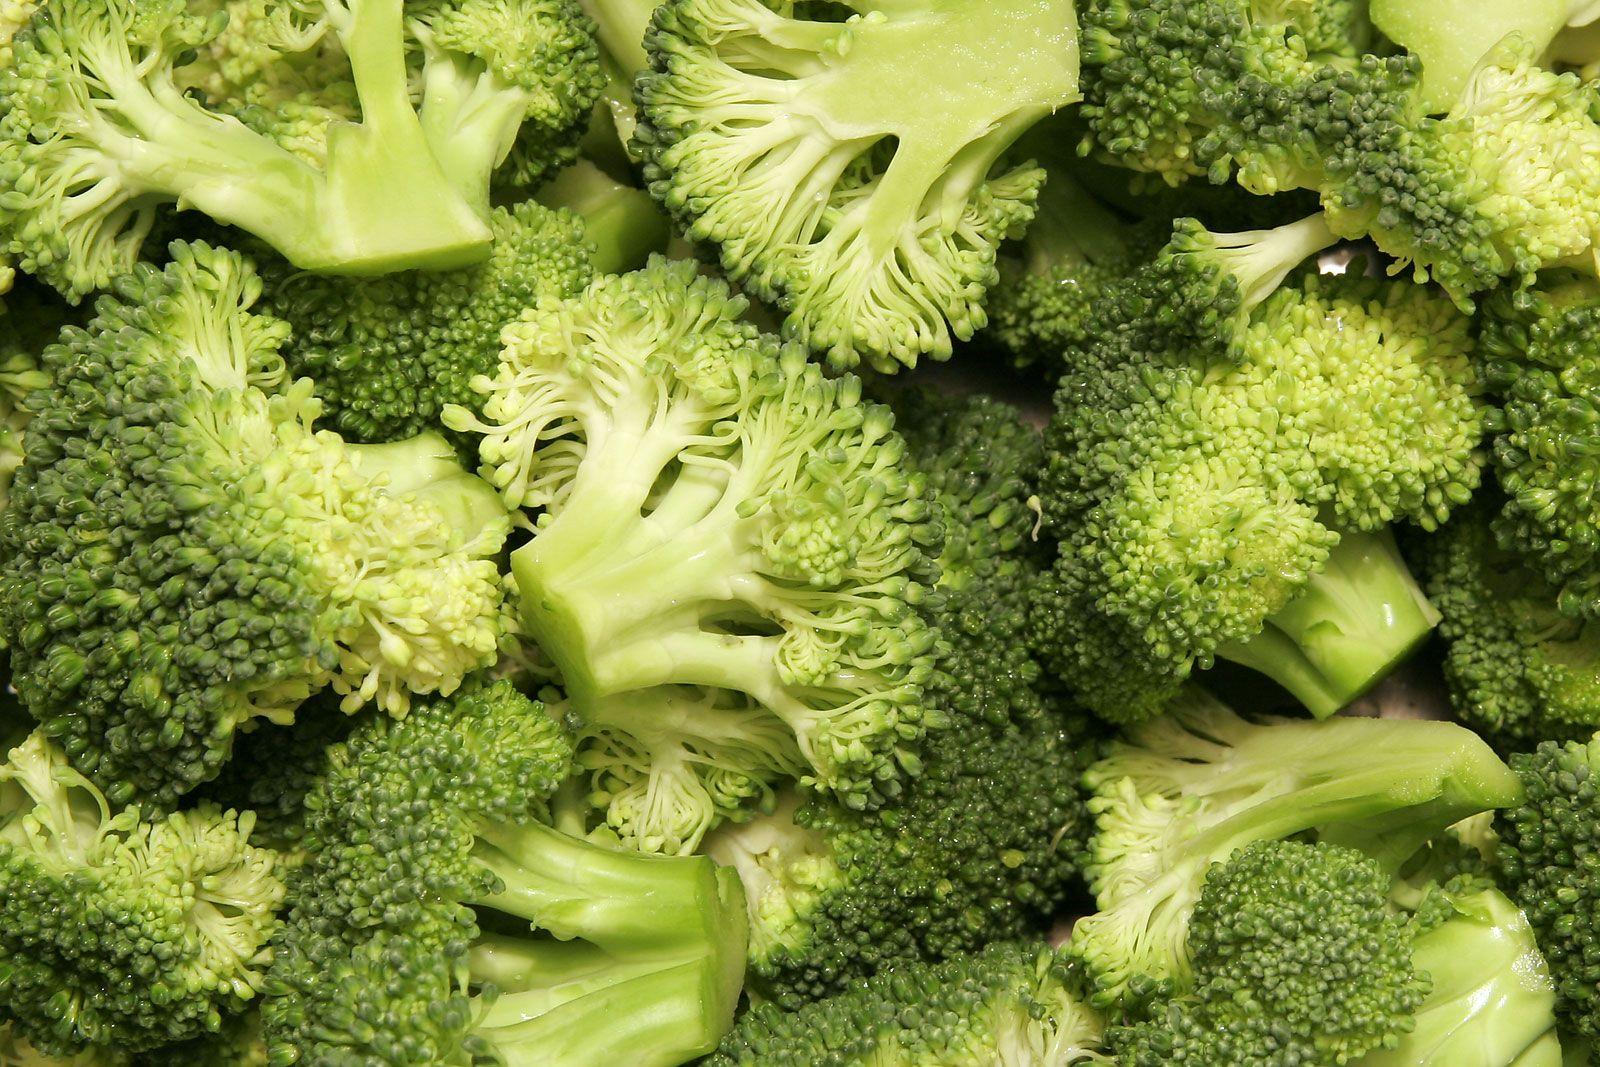 File:Broccoli bunches.jpg - Wikipedia